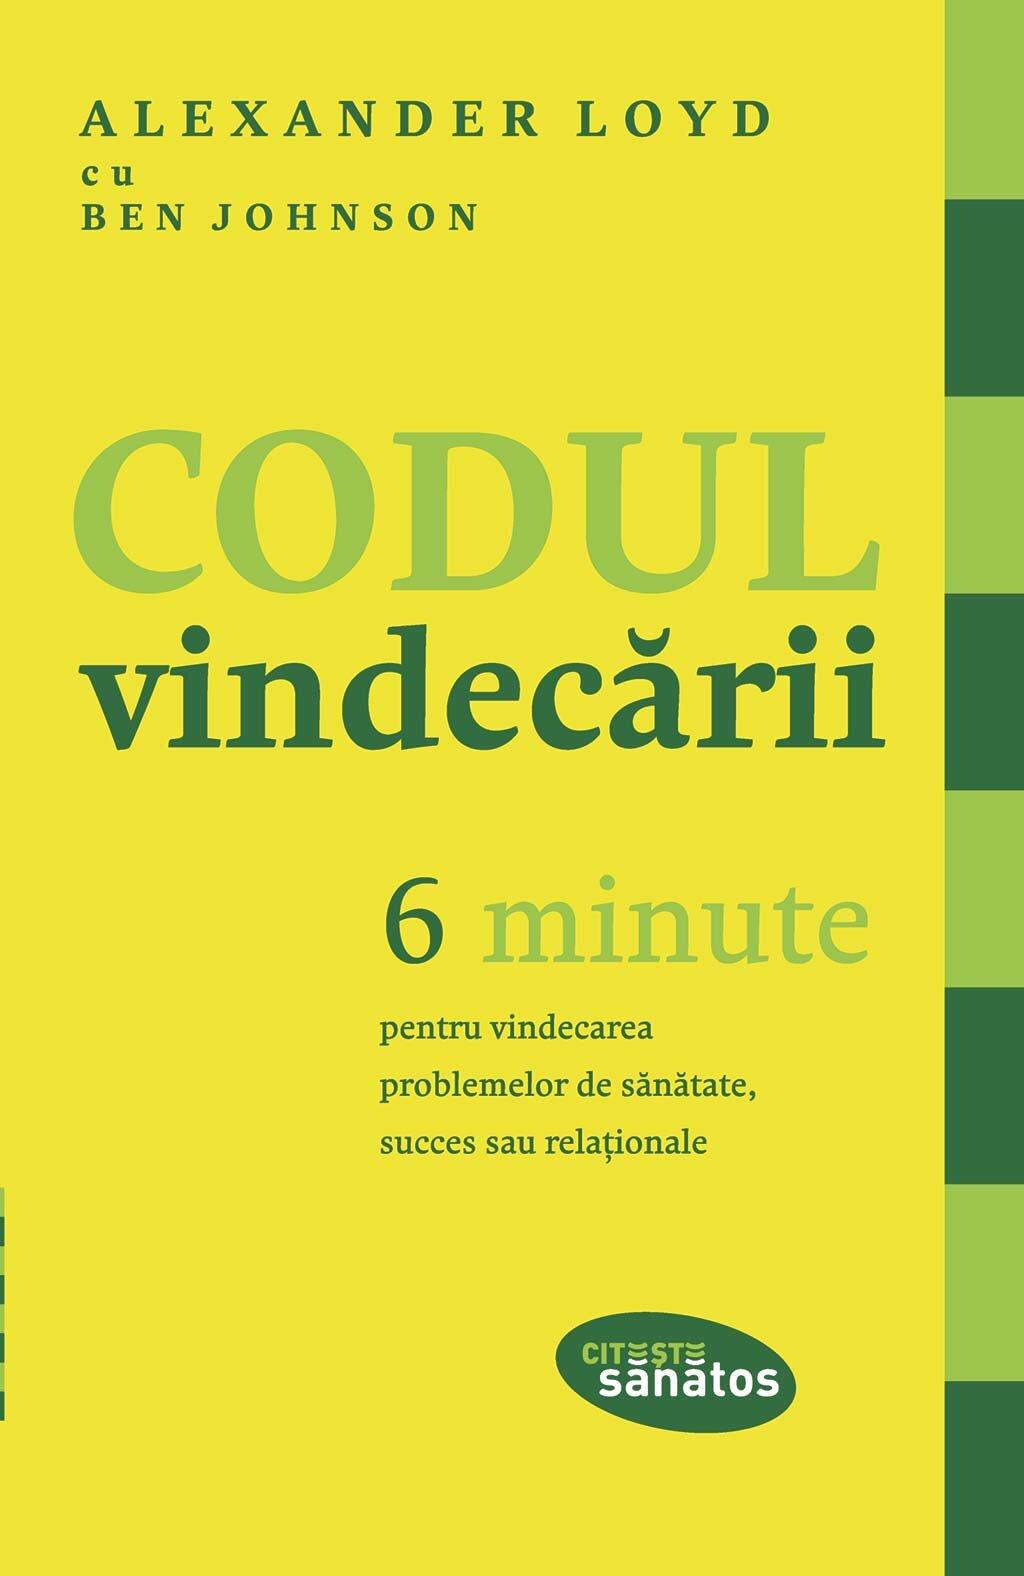 Codul vindecarii. 6 minute pentru vindecarea problemelor de sanatate, succes sau relationale (eBook)